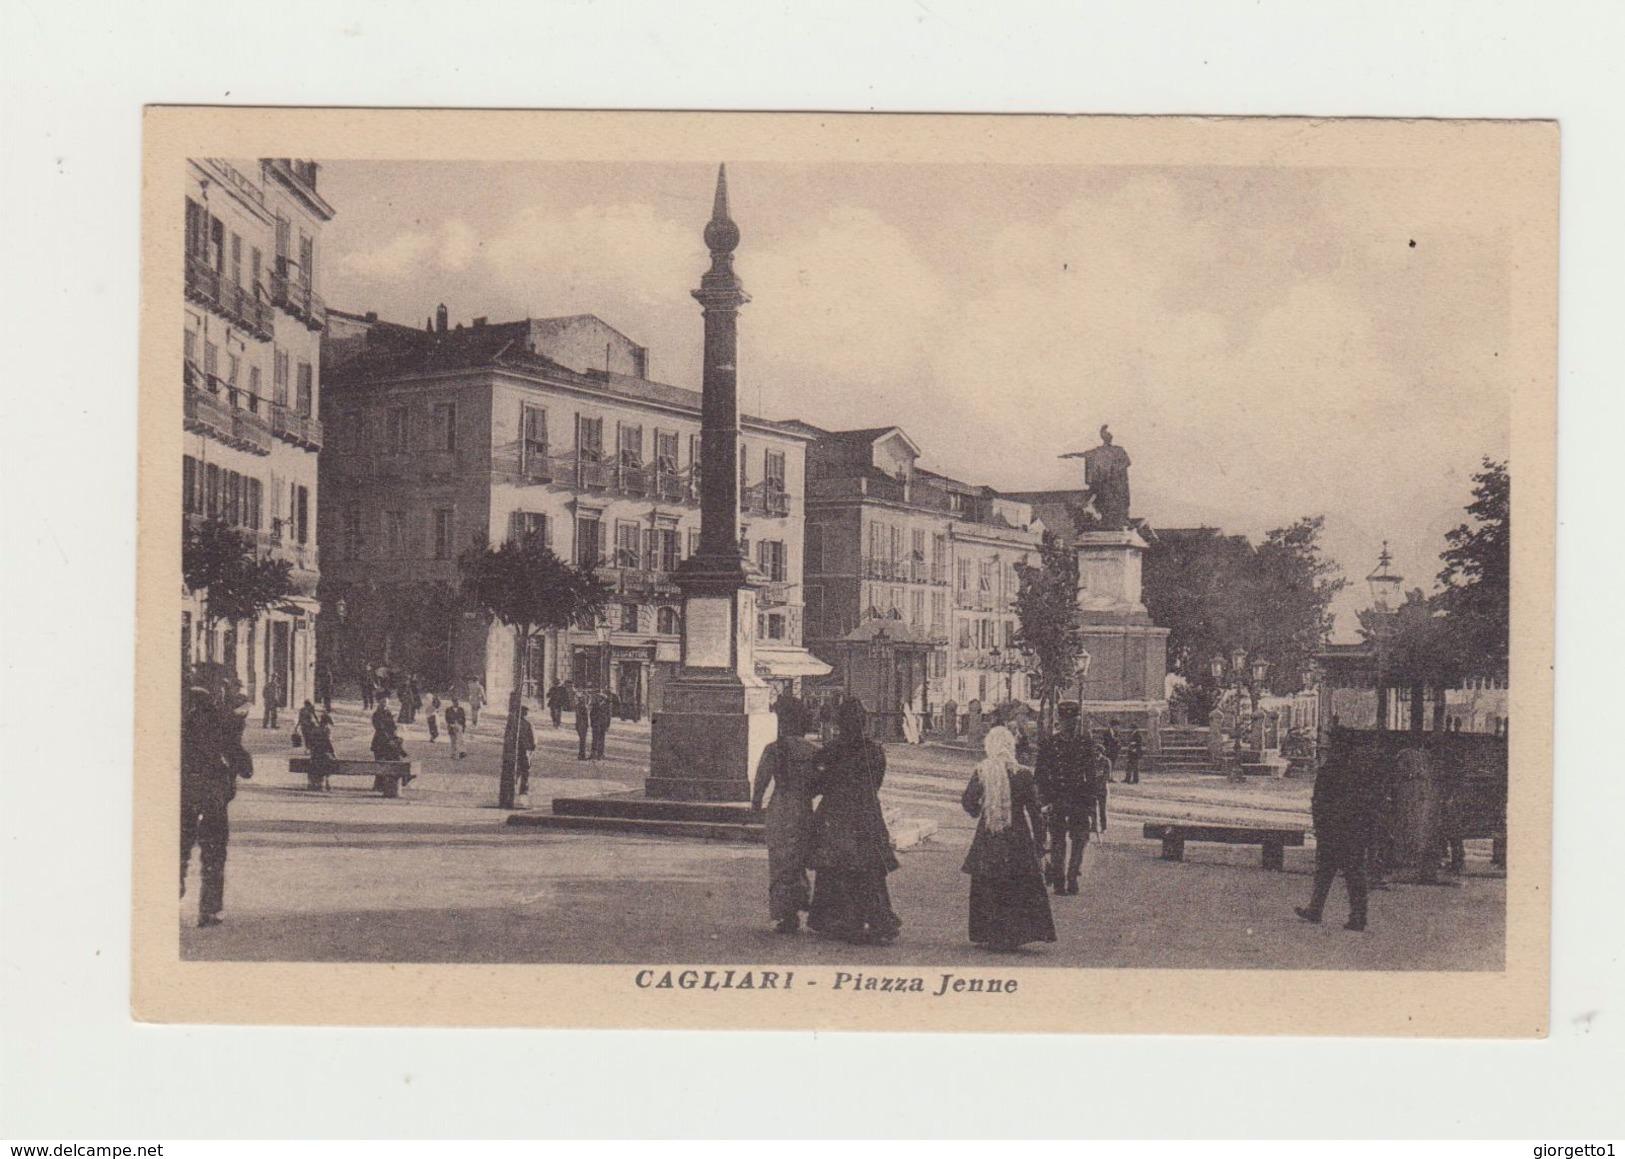 CAGLIARI - PIAZZA JENNE - NON VIAGGIATA - ITALY POSTCARD - Cagliari